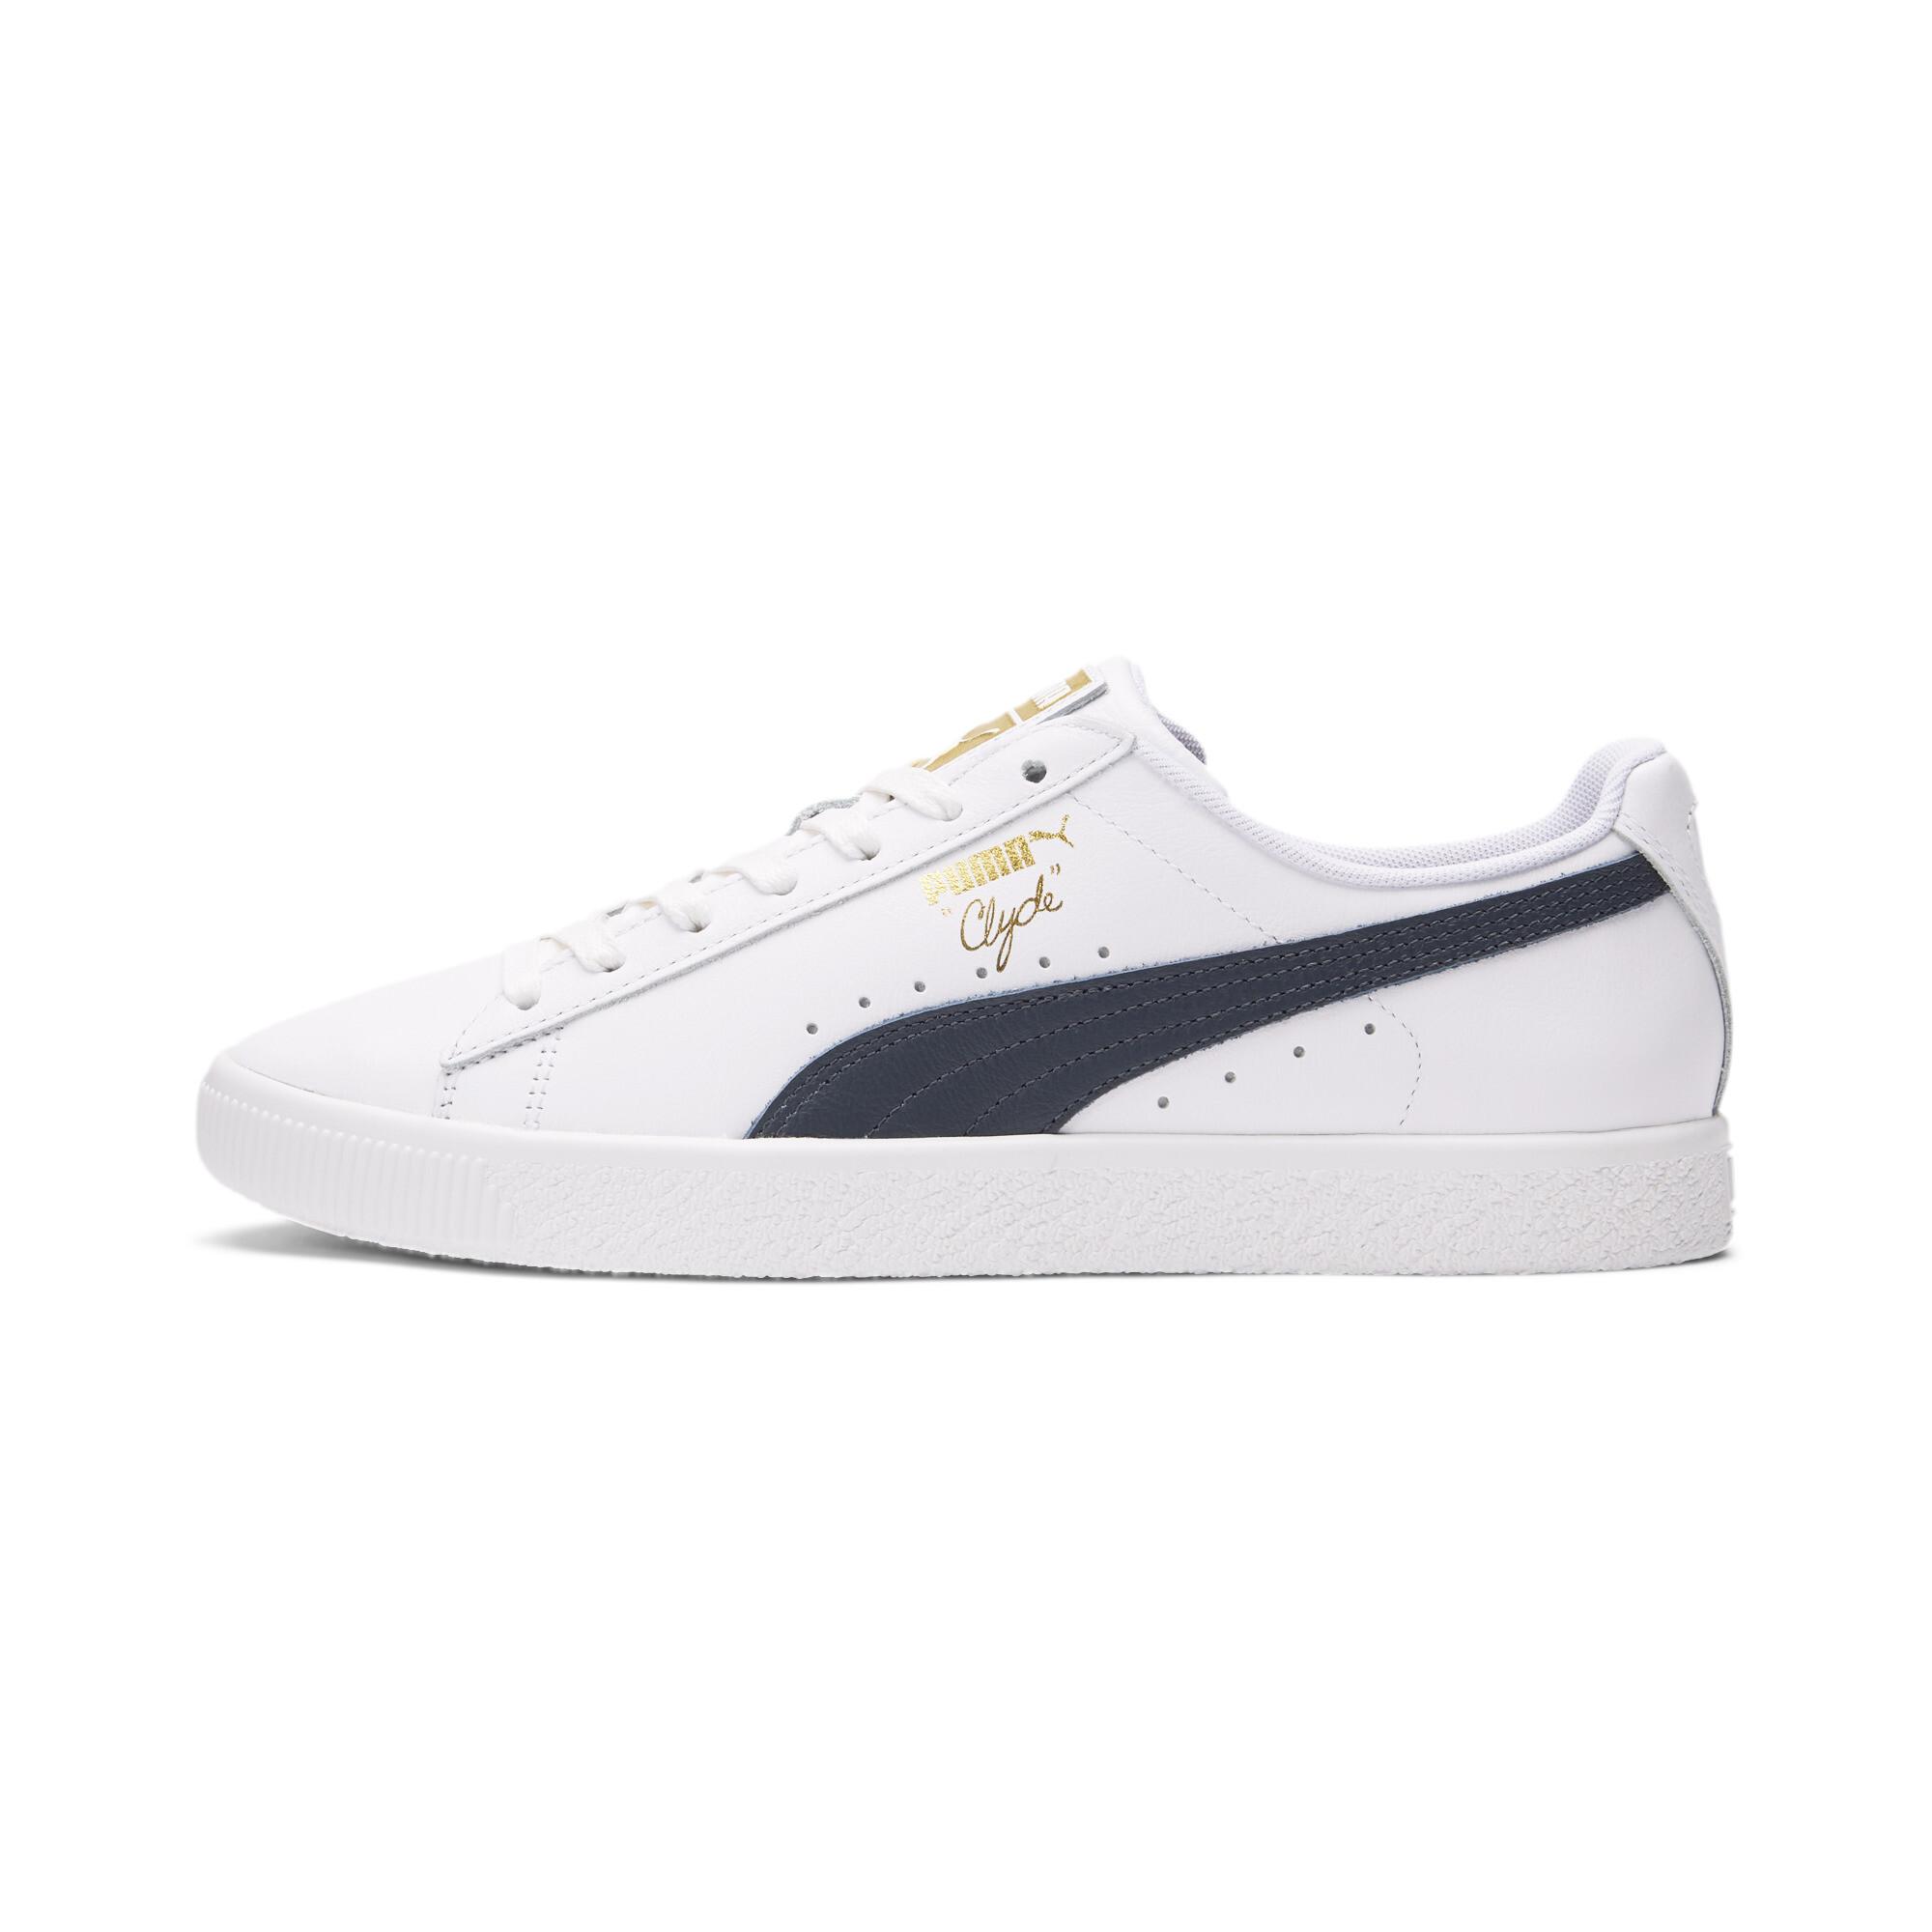 PUMA-Men-039-s-Clyde-Core-Foil-Sneakers thumbnail 19